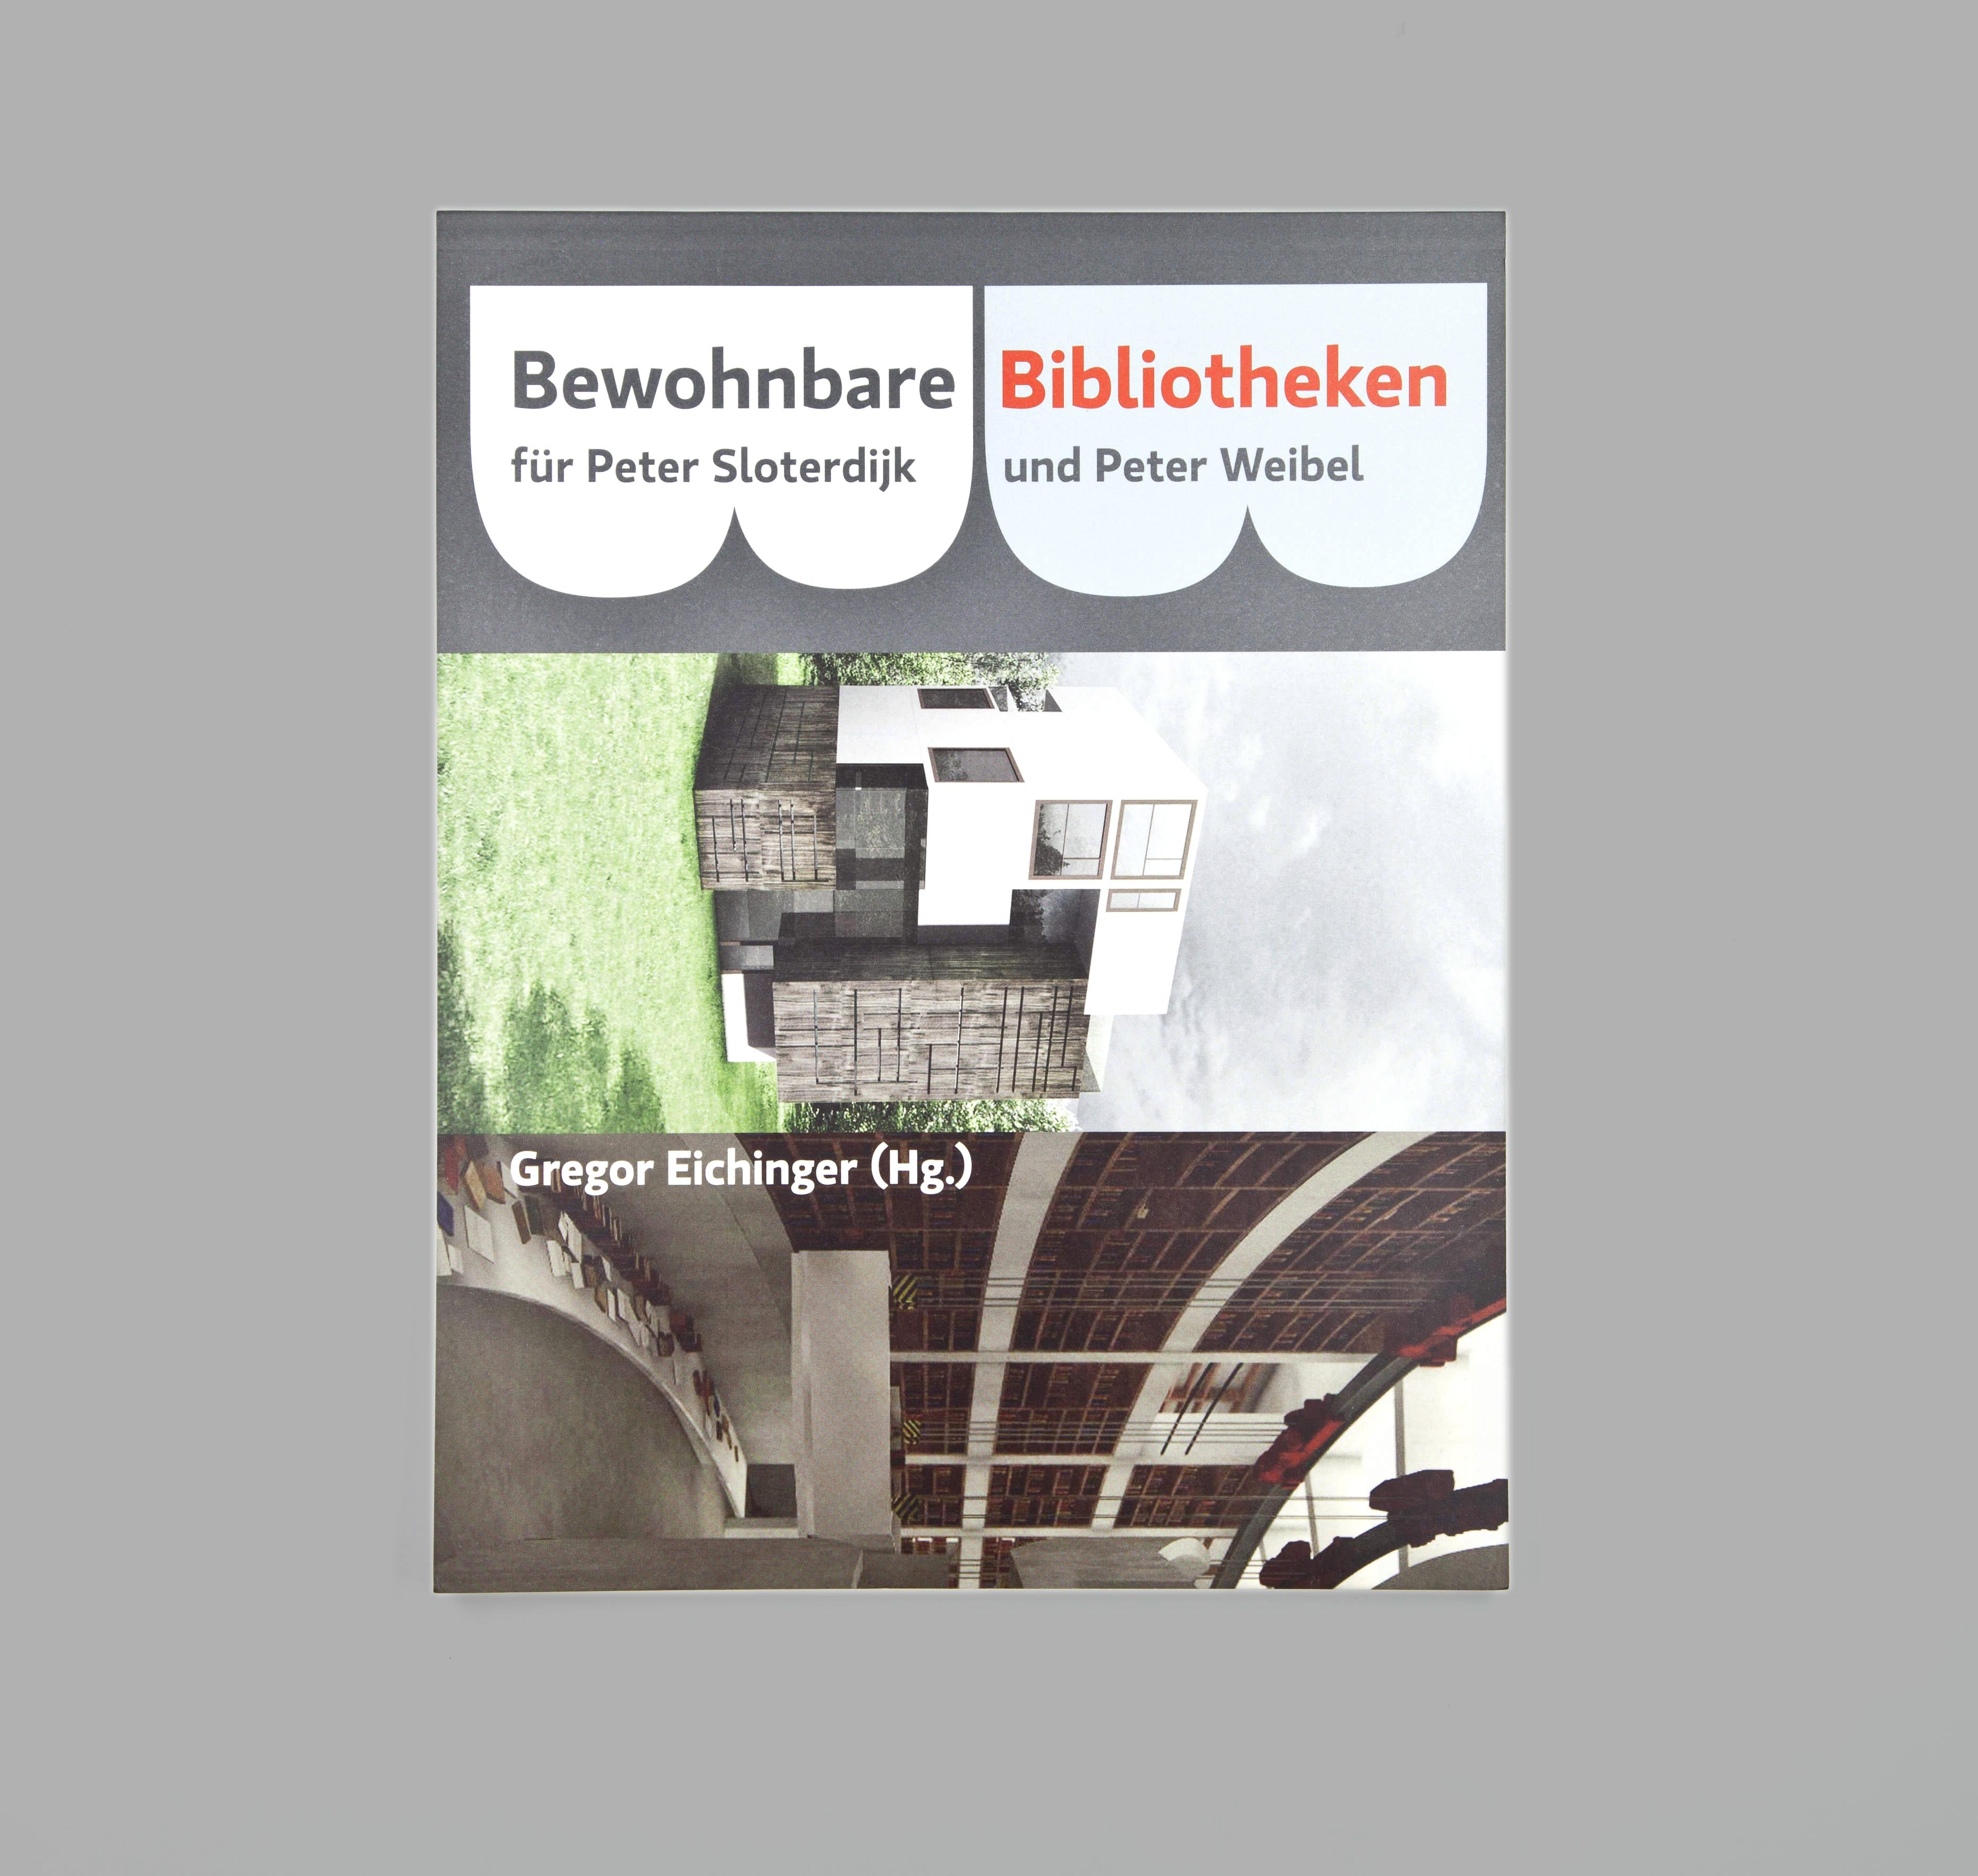 Bewohnbare Bibliotheken